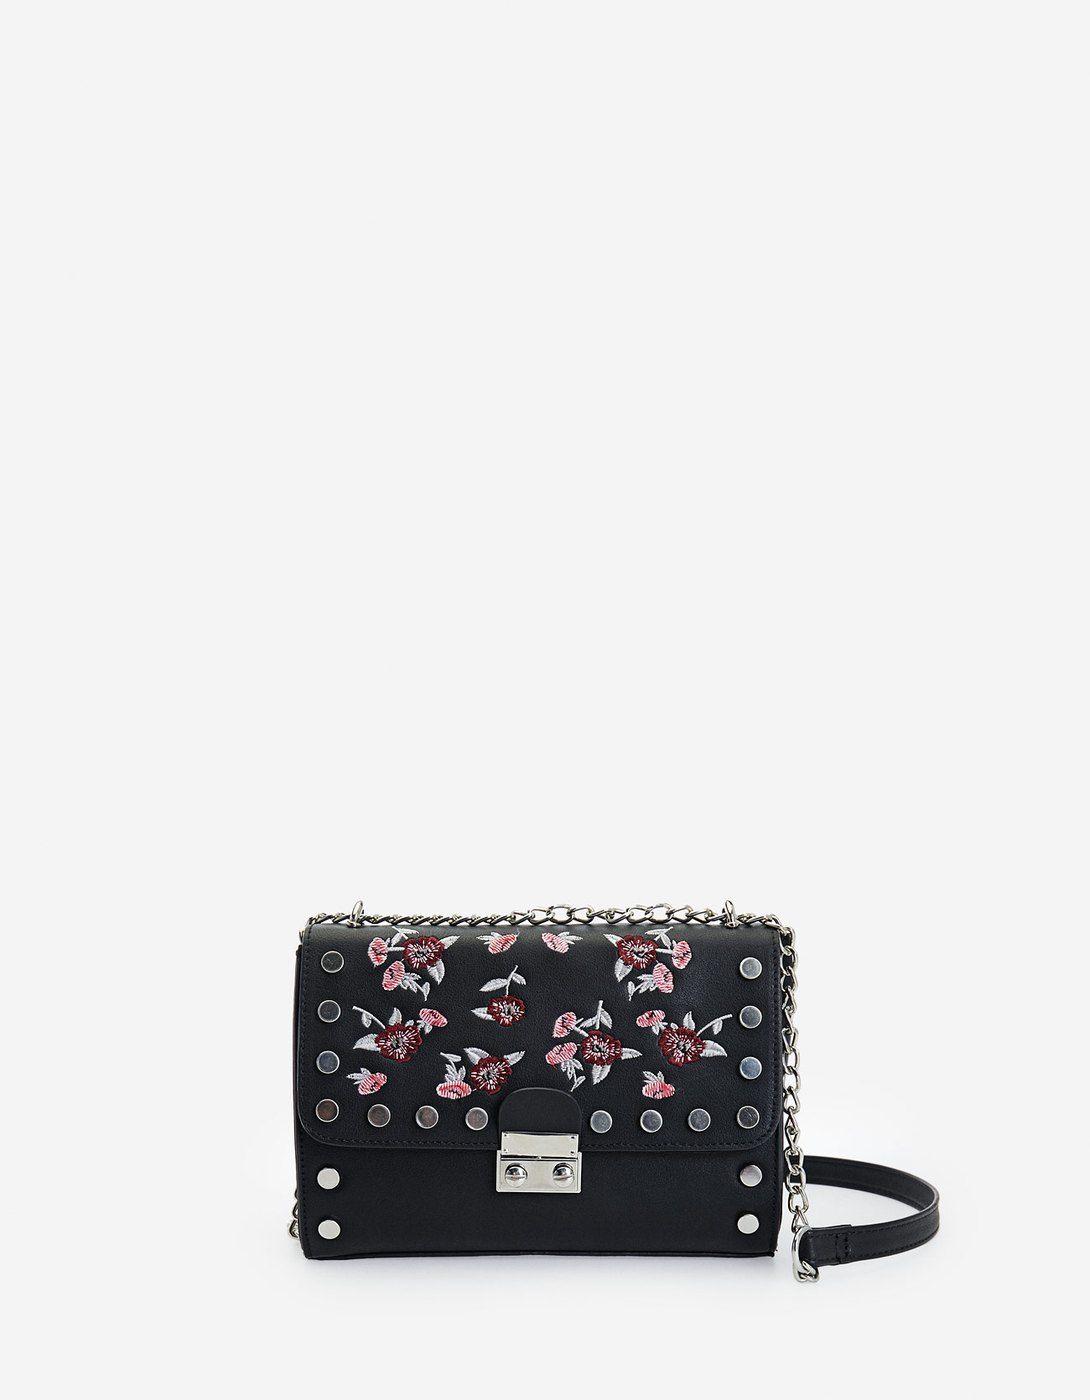 Τσάντα χιαστί με κεντημένα λουλούδια - Πουκαμισα  853fb87ef0d